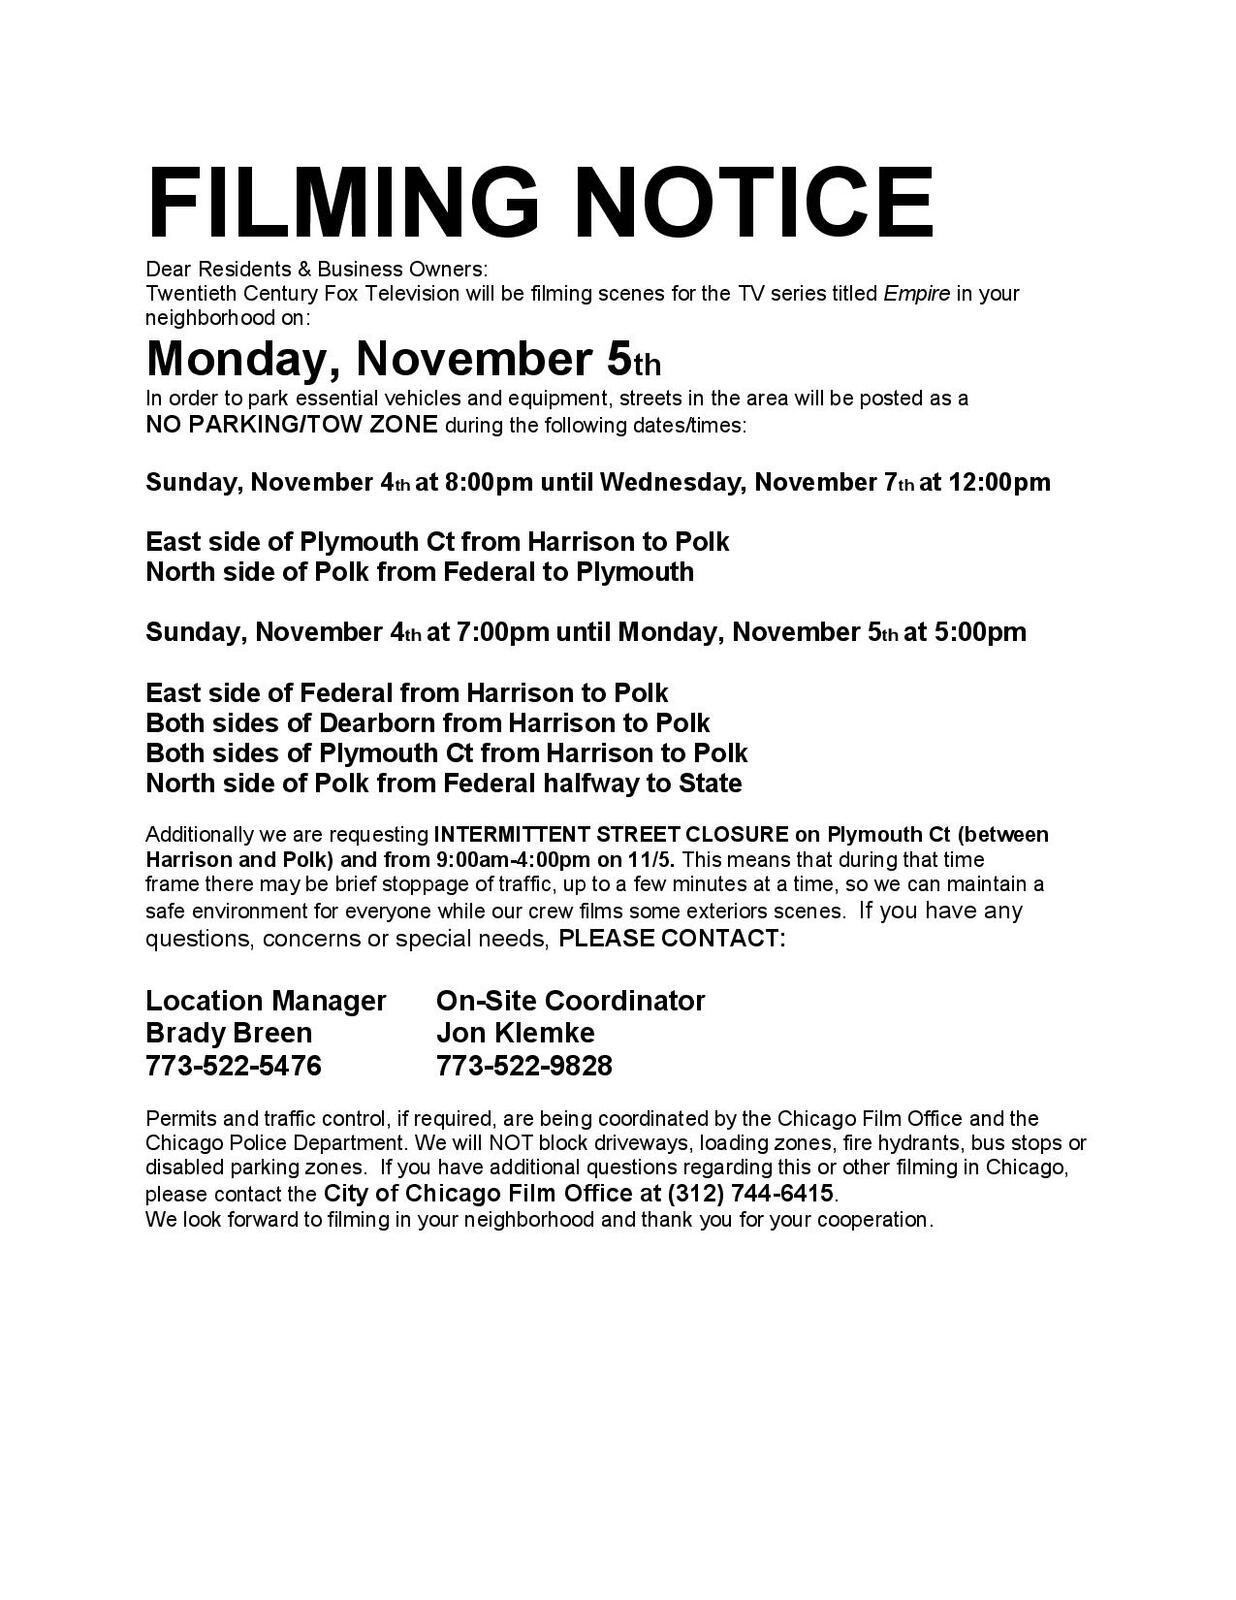 Filming Notice - Nov 5 (Chicago City Council) &mdash